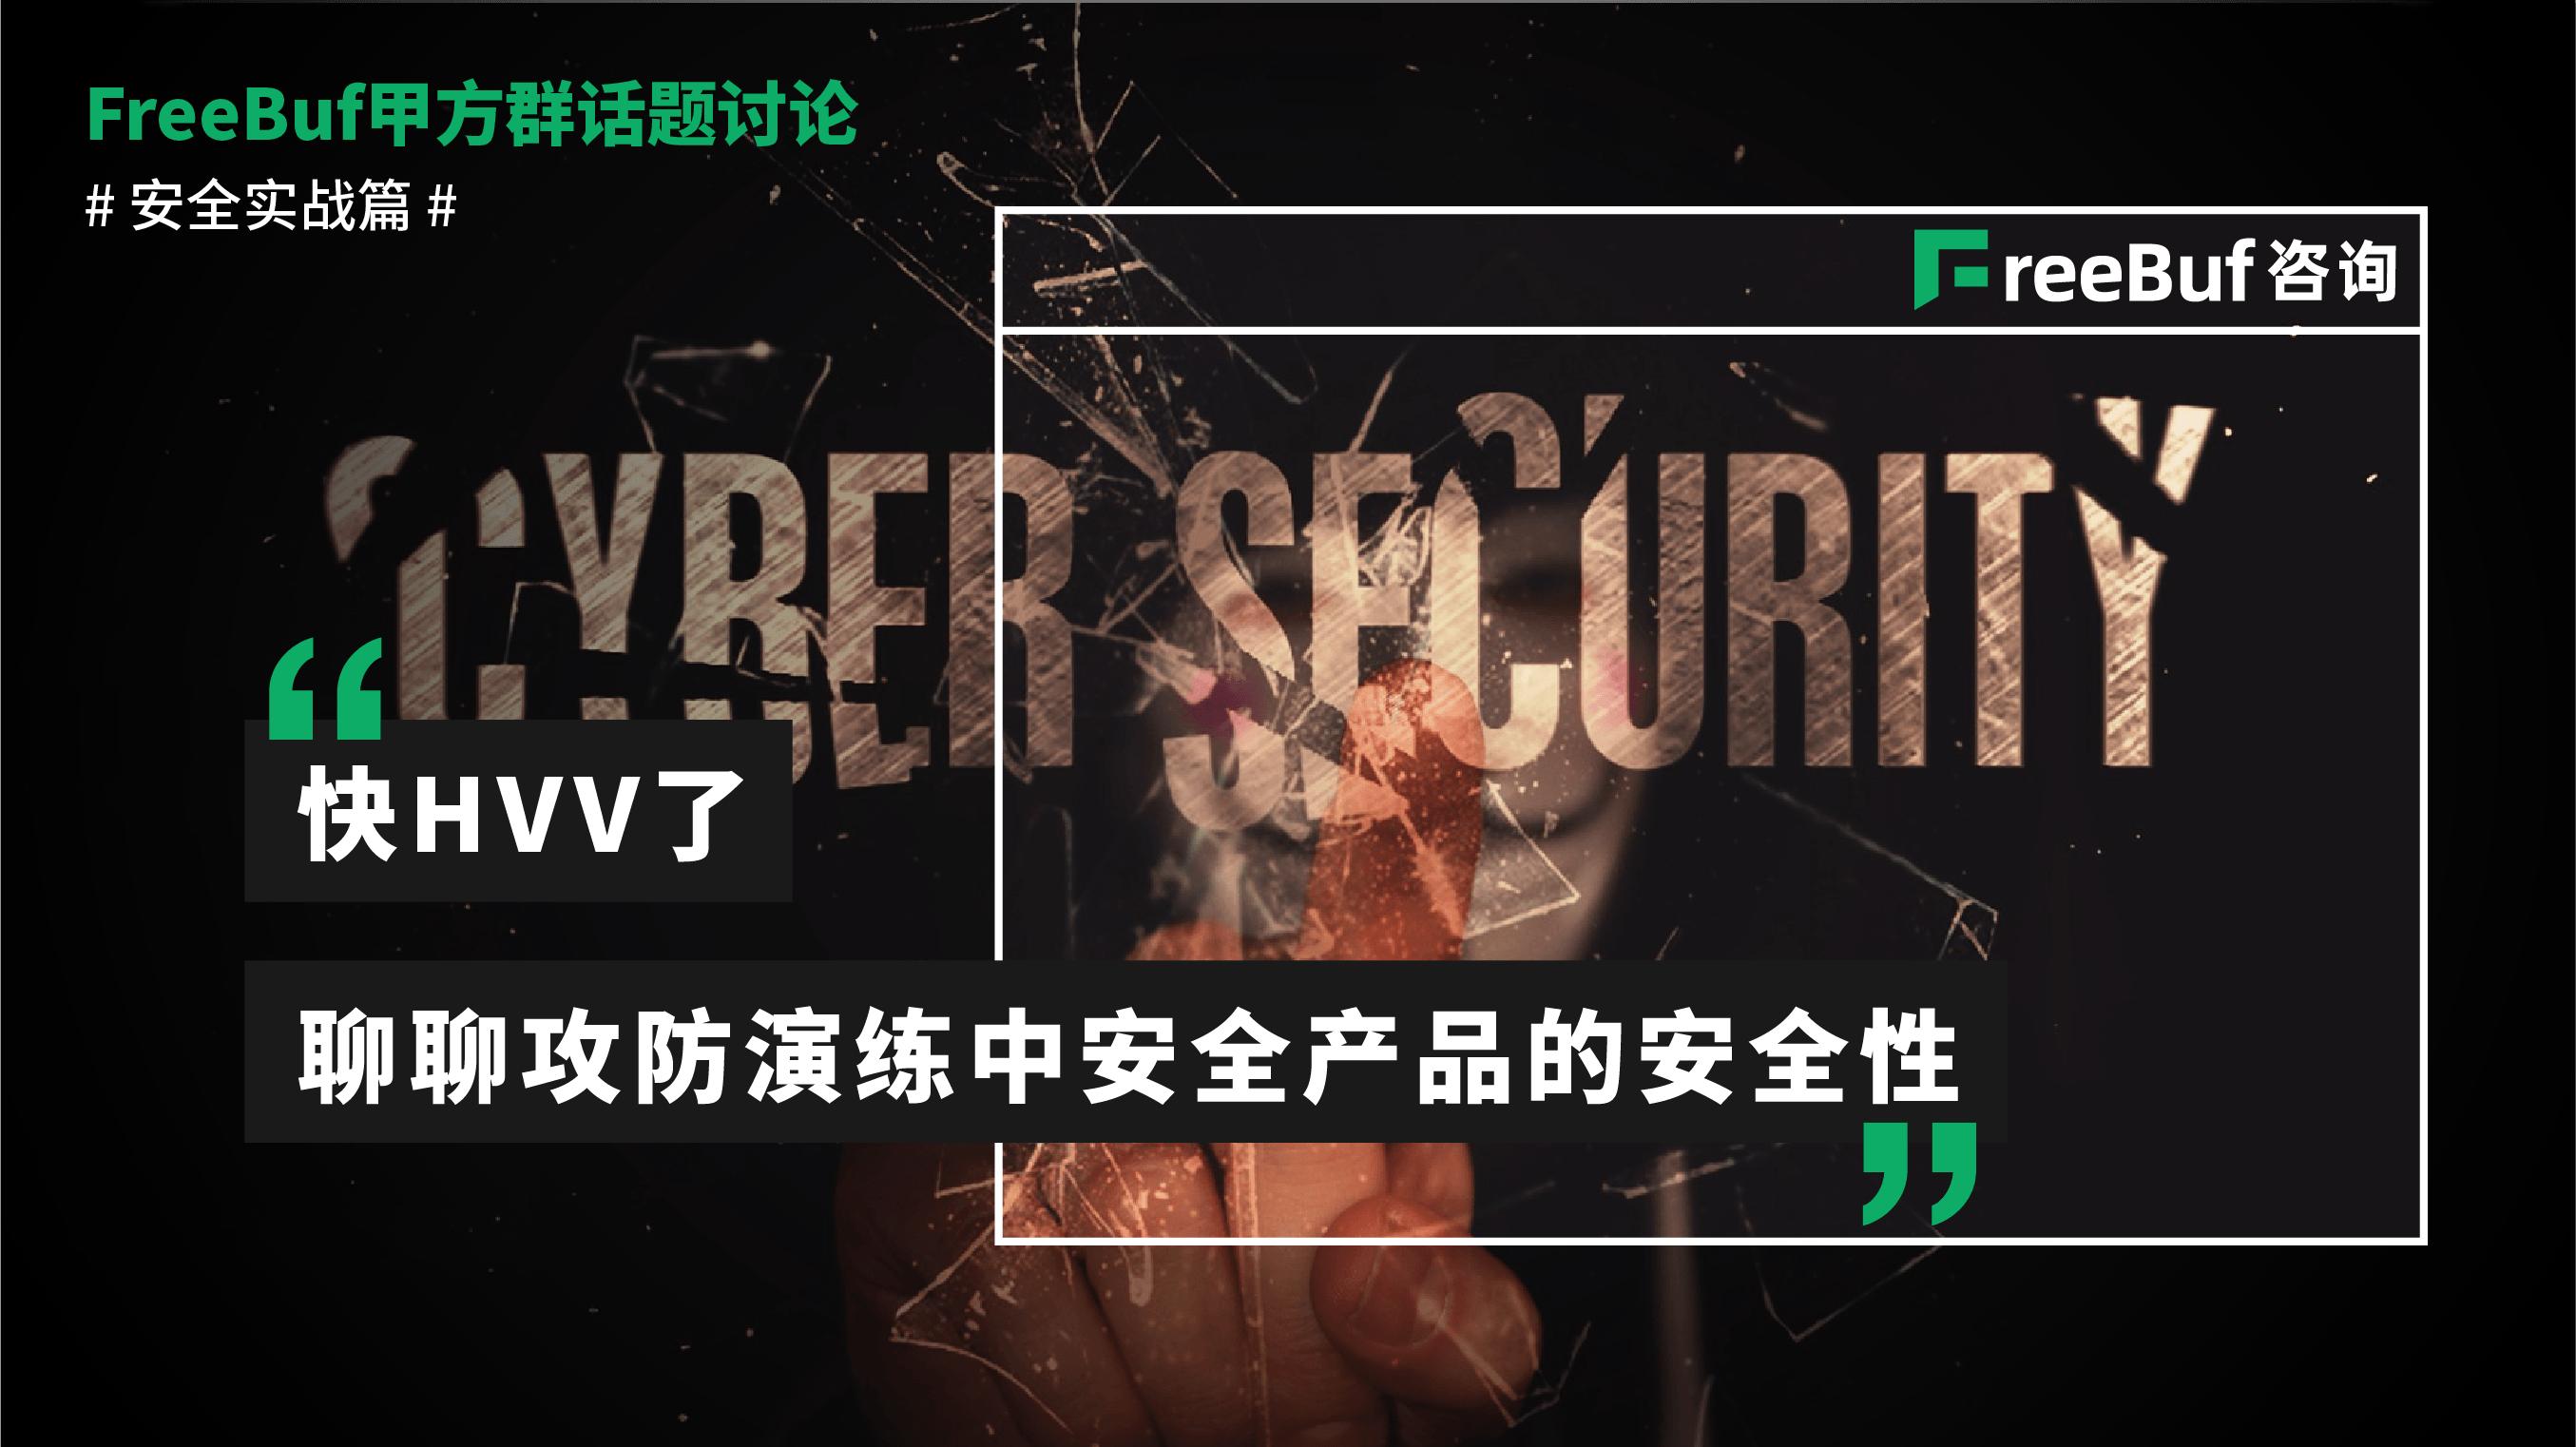 快HVV了,聊聊攻防演练中安全产品的安全性 | FreeBuf甲方群